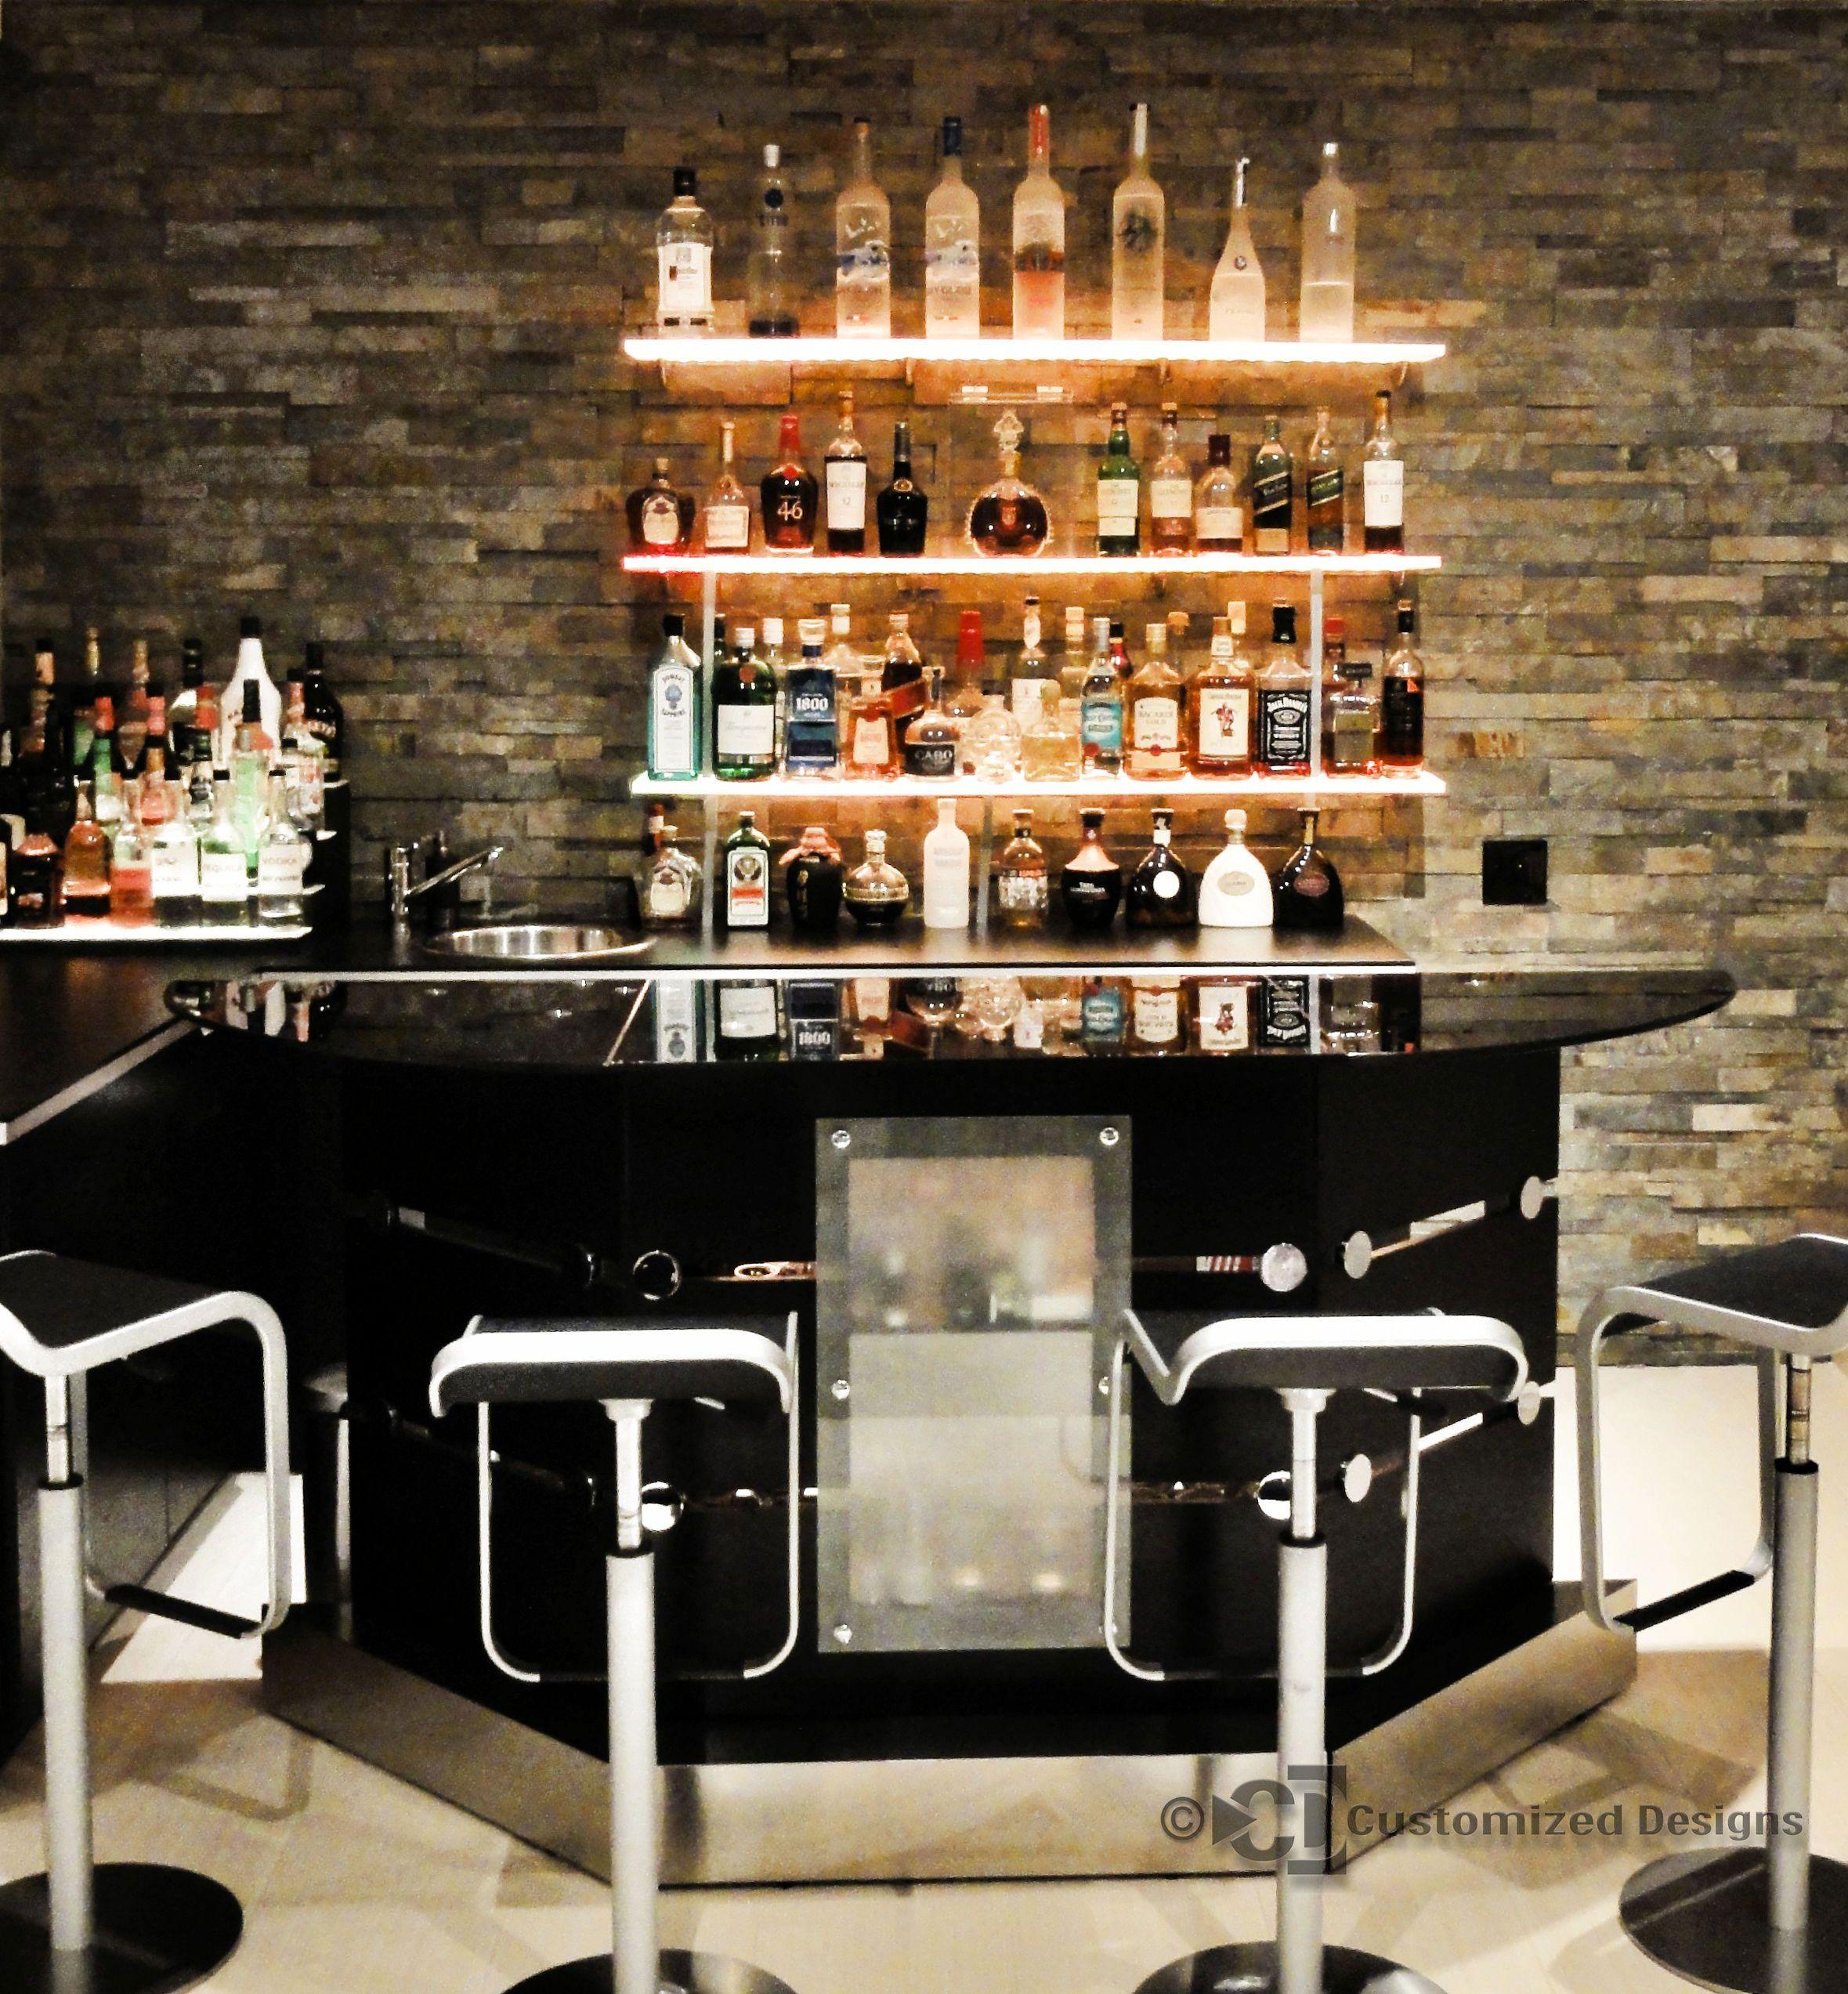 Led Lighted Shelves Back Bar Shelving For Home Bars